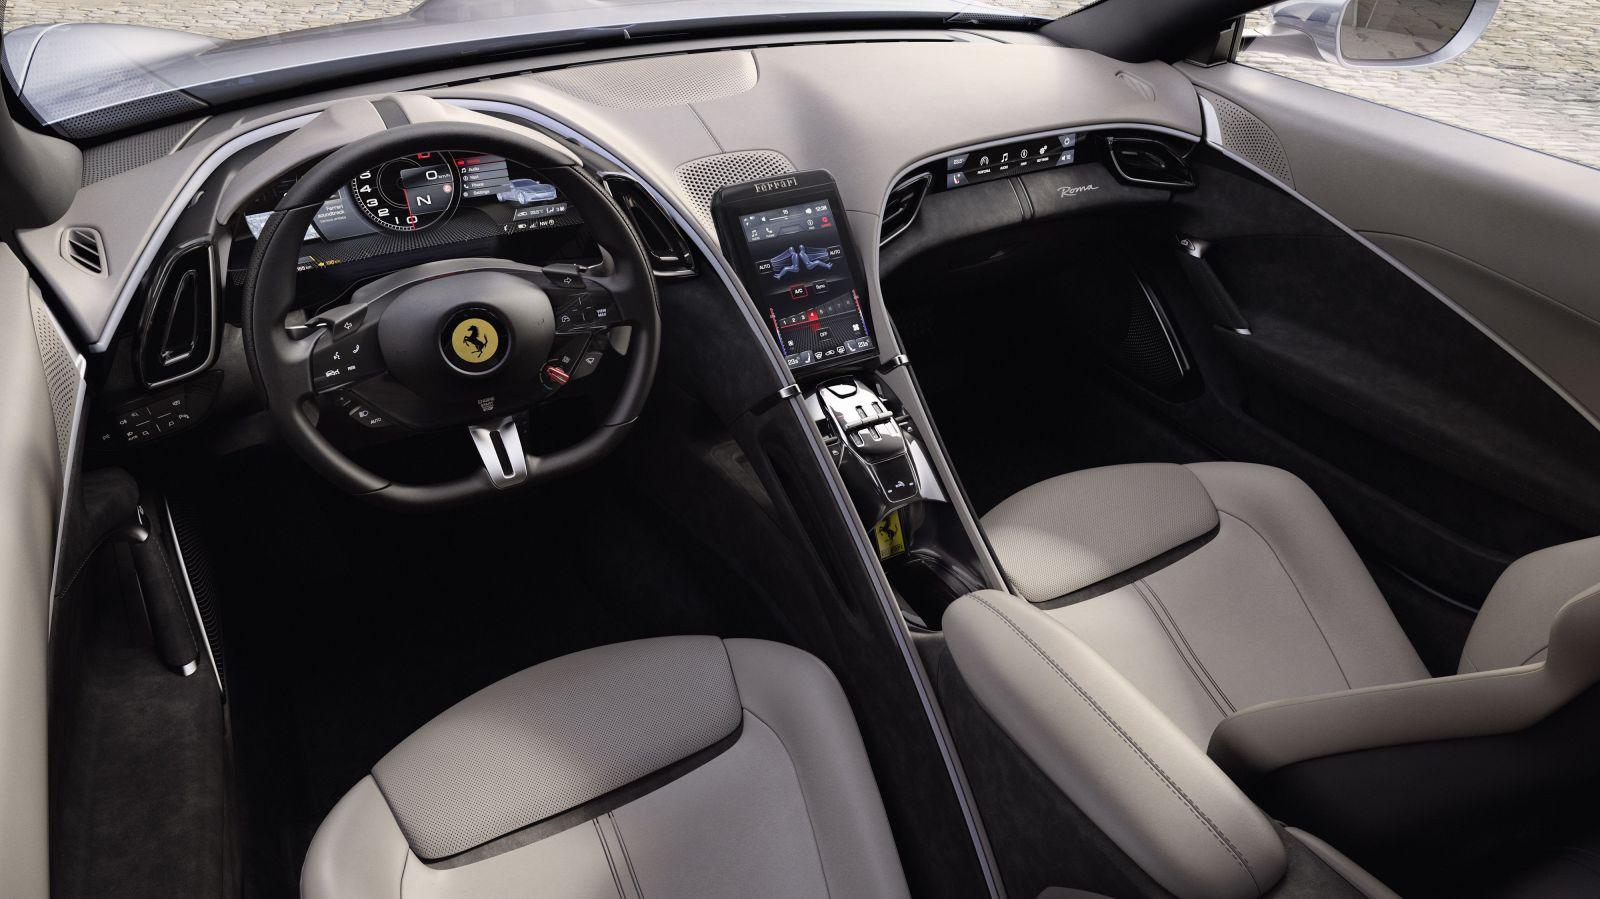 Ferrari oživilo legendárny model. Nádherná novinka prekvapí menom, dizajnom i technikou